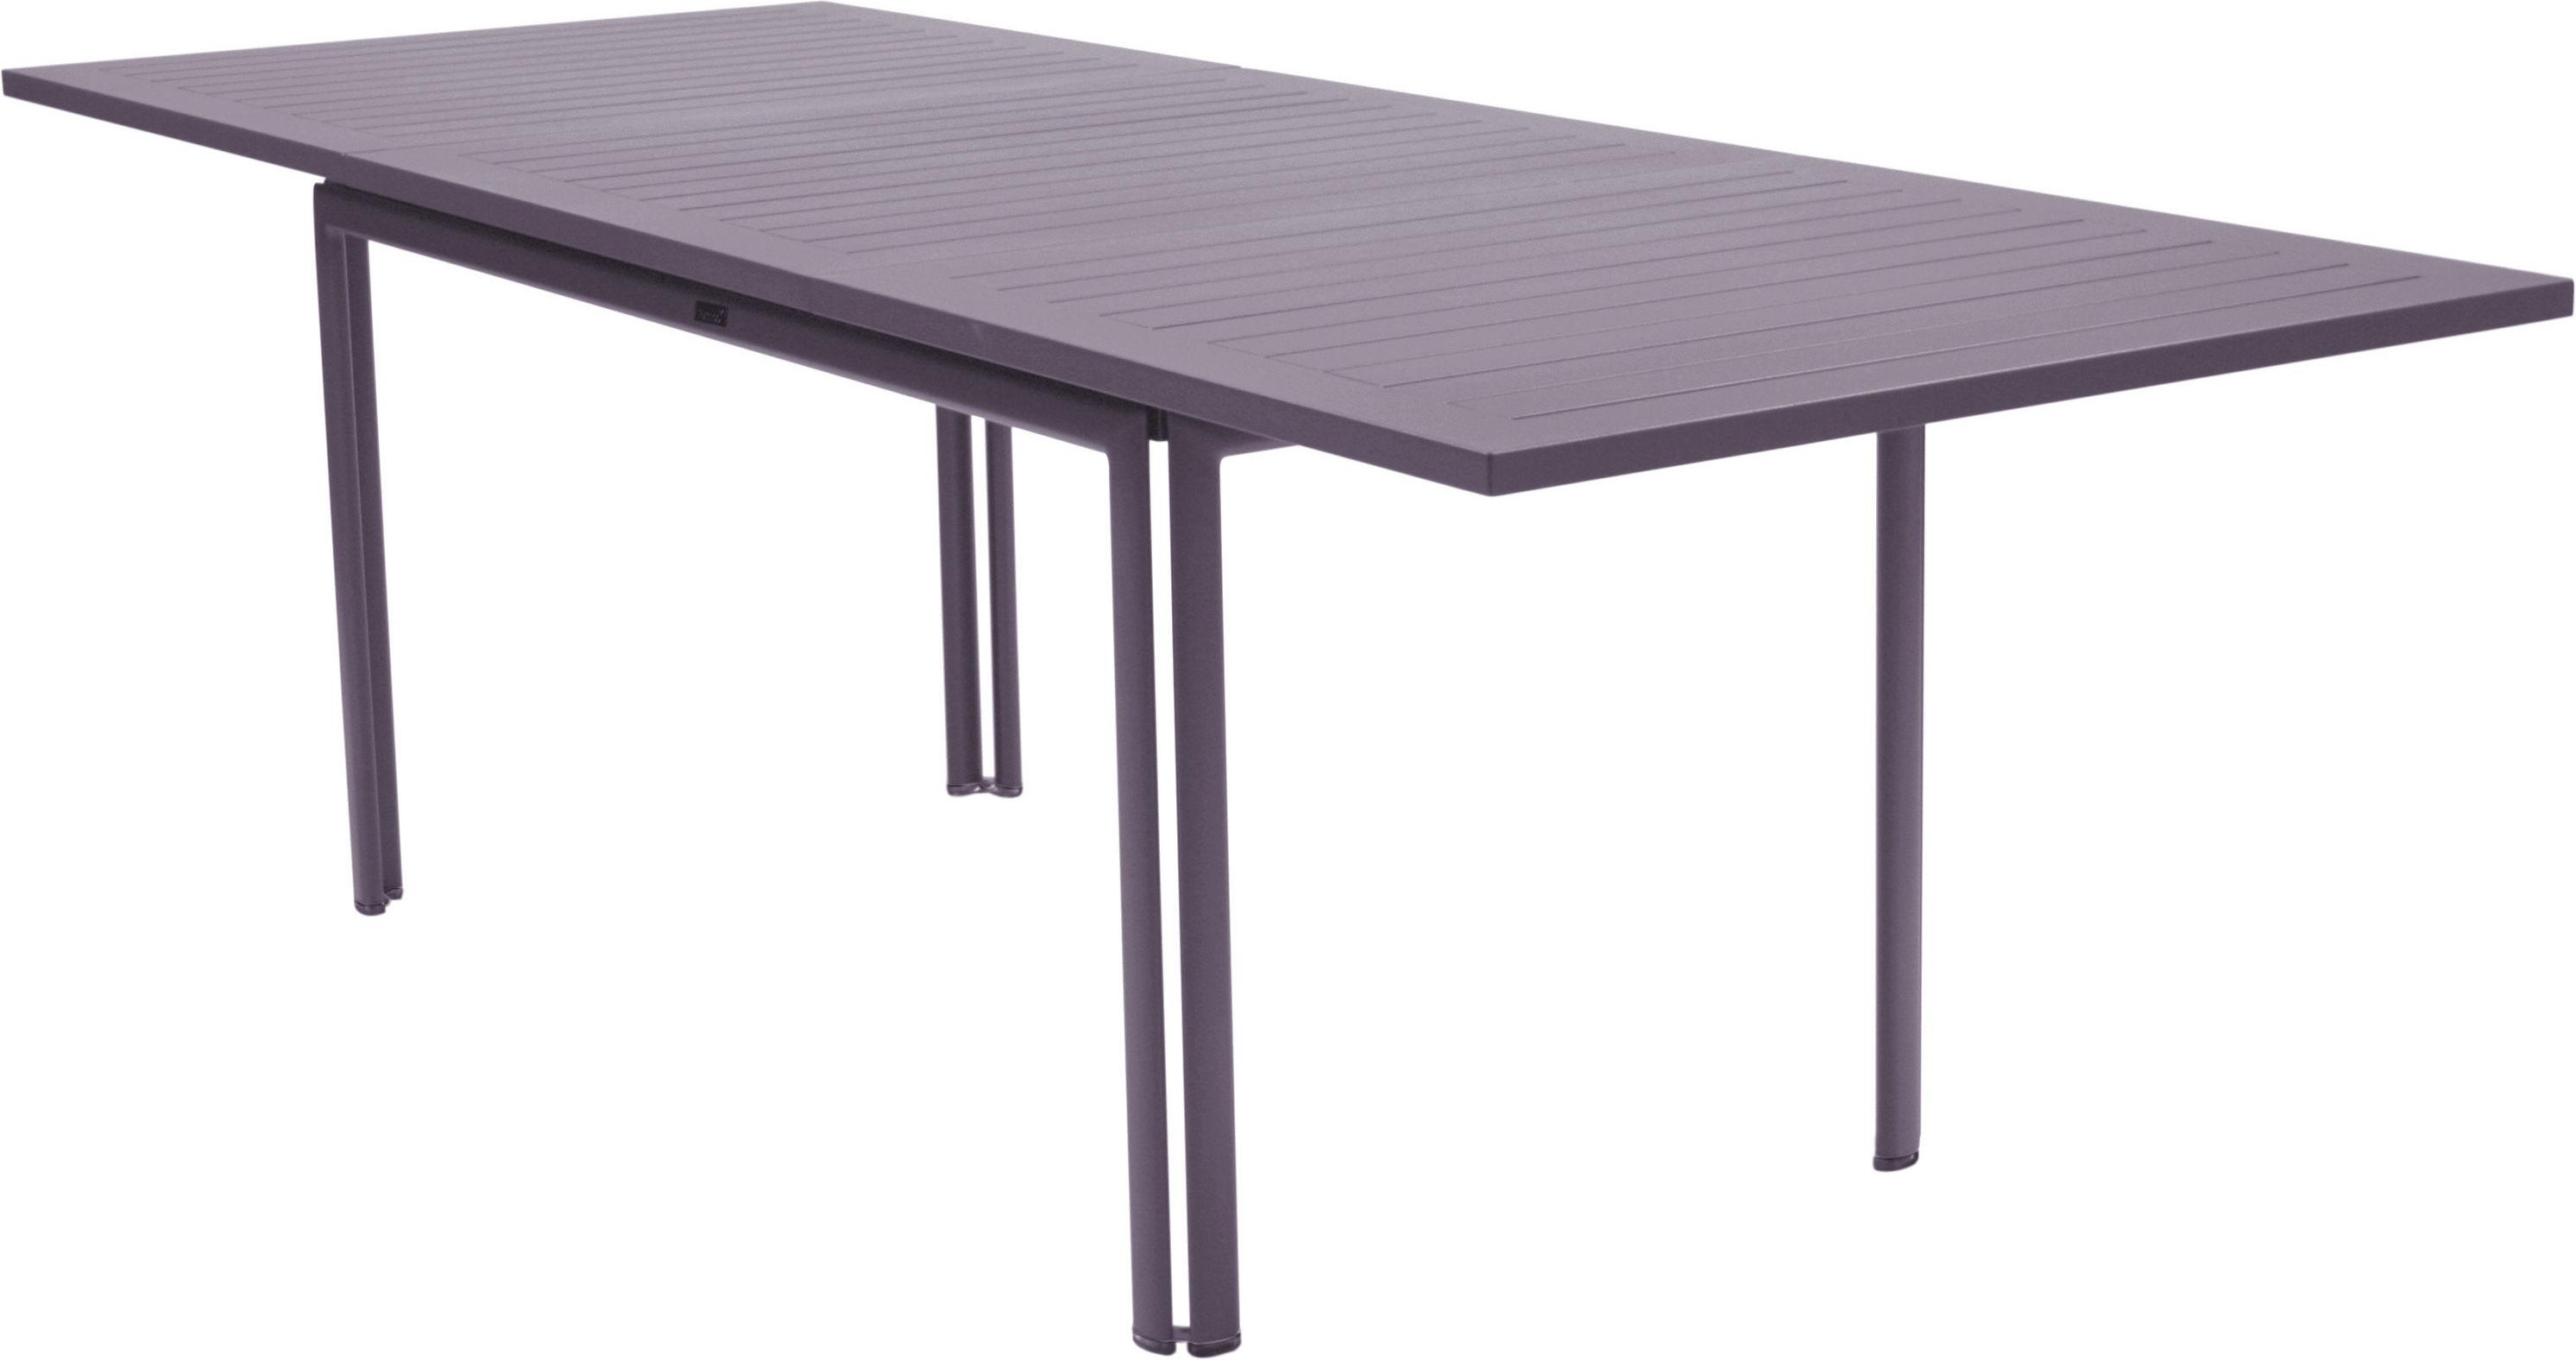 Scopri tavolo con prolunga costa l 160 a 240 cm 6 a for Tavolo 10 persone